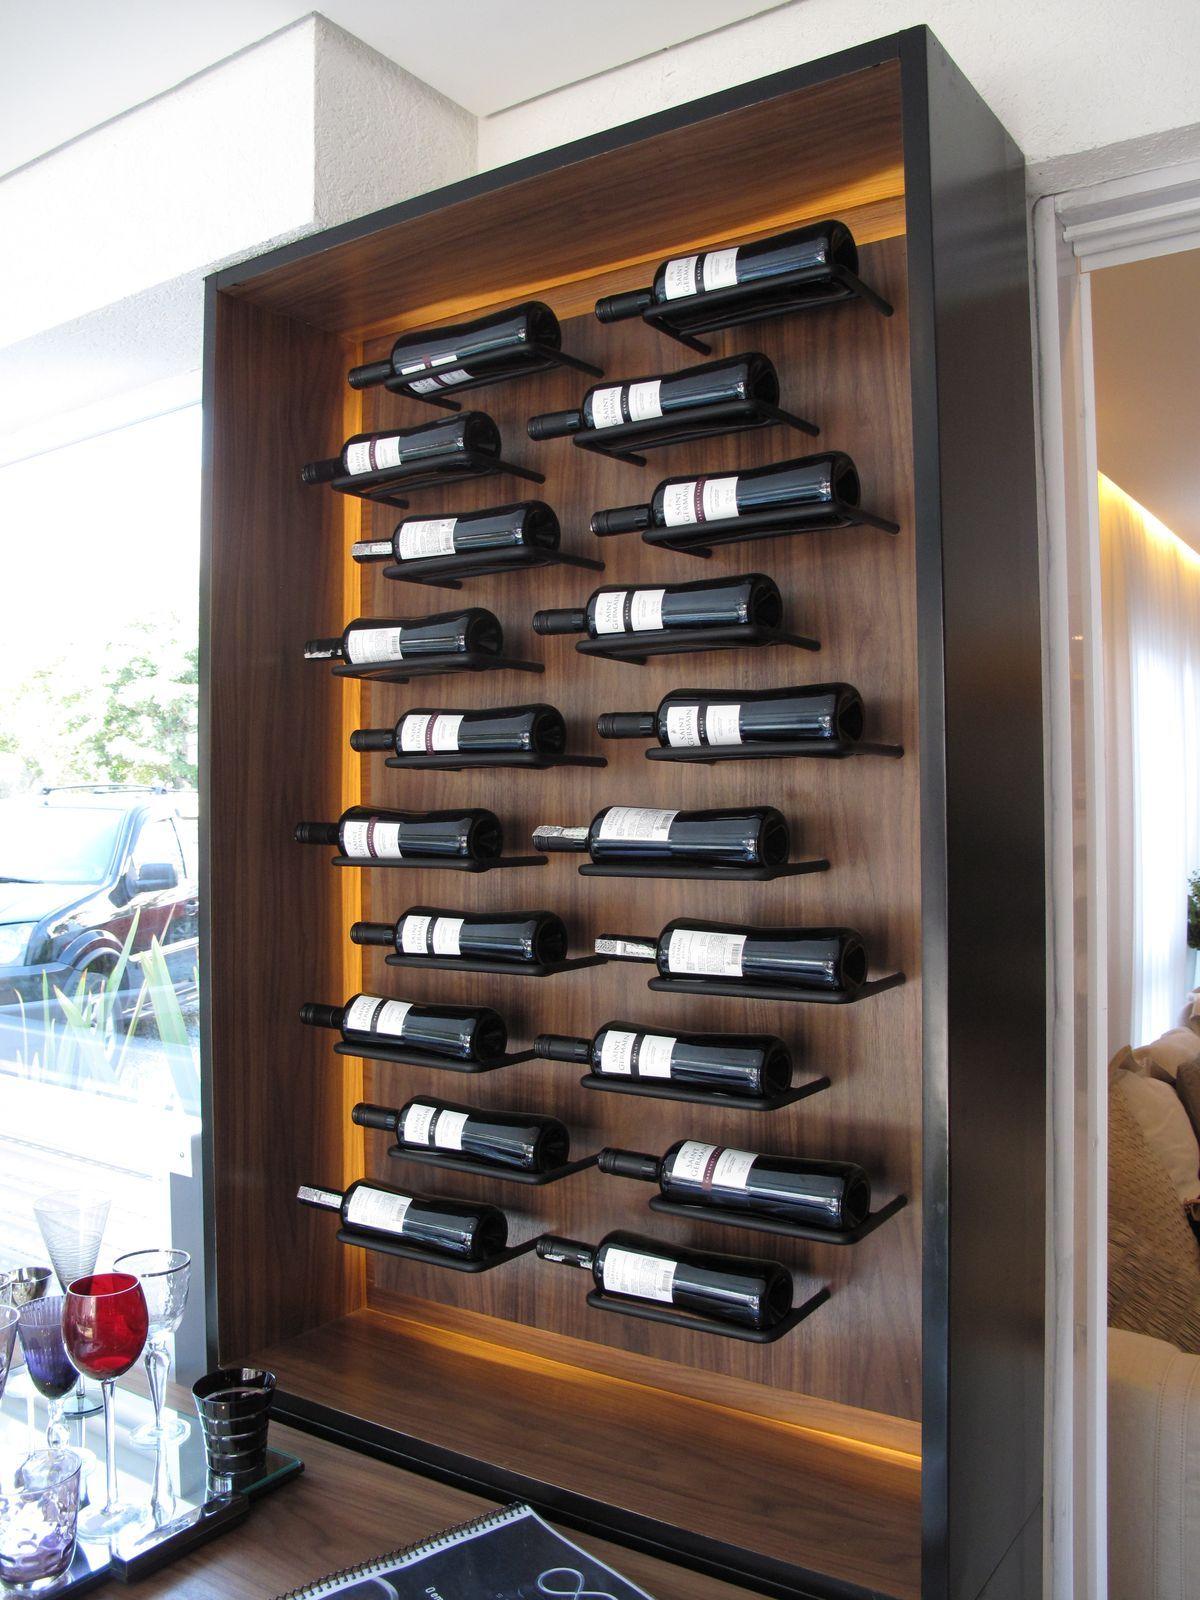 27b6b0c0df739c4b06727ec75426c0fd Jpg 1 200 1 600 Pixels Pared De Vino Cavas De Madera Estantes De Vino